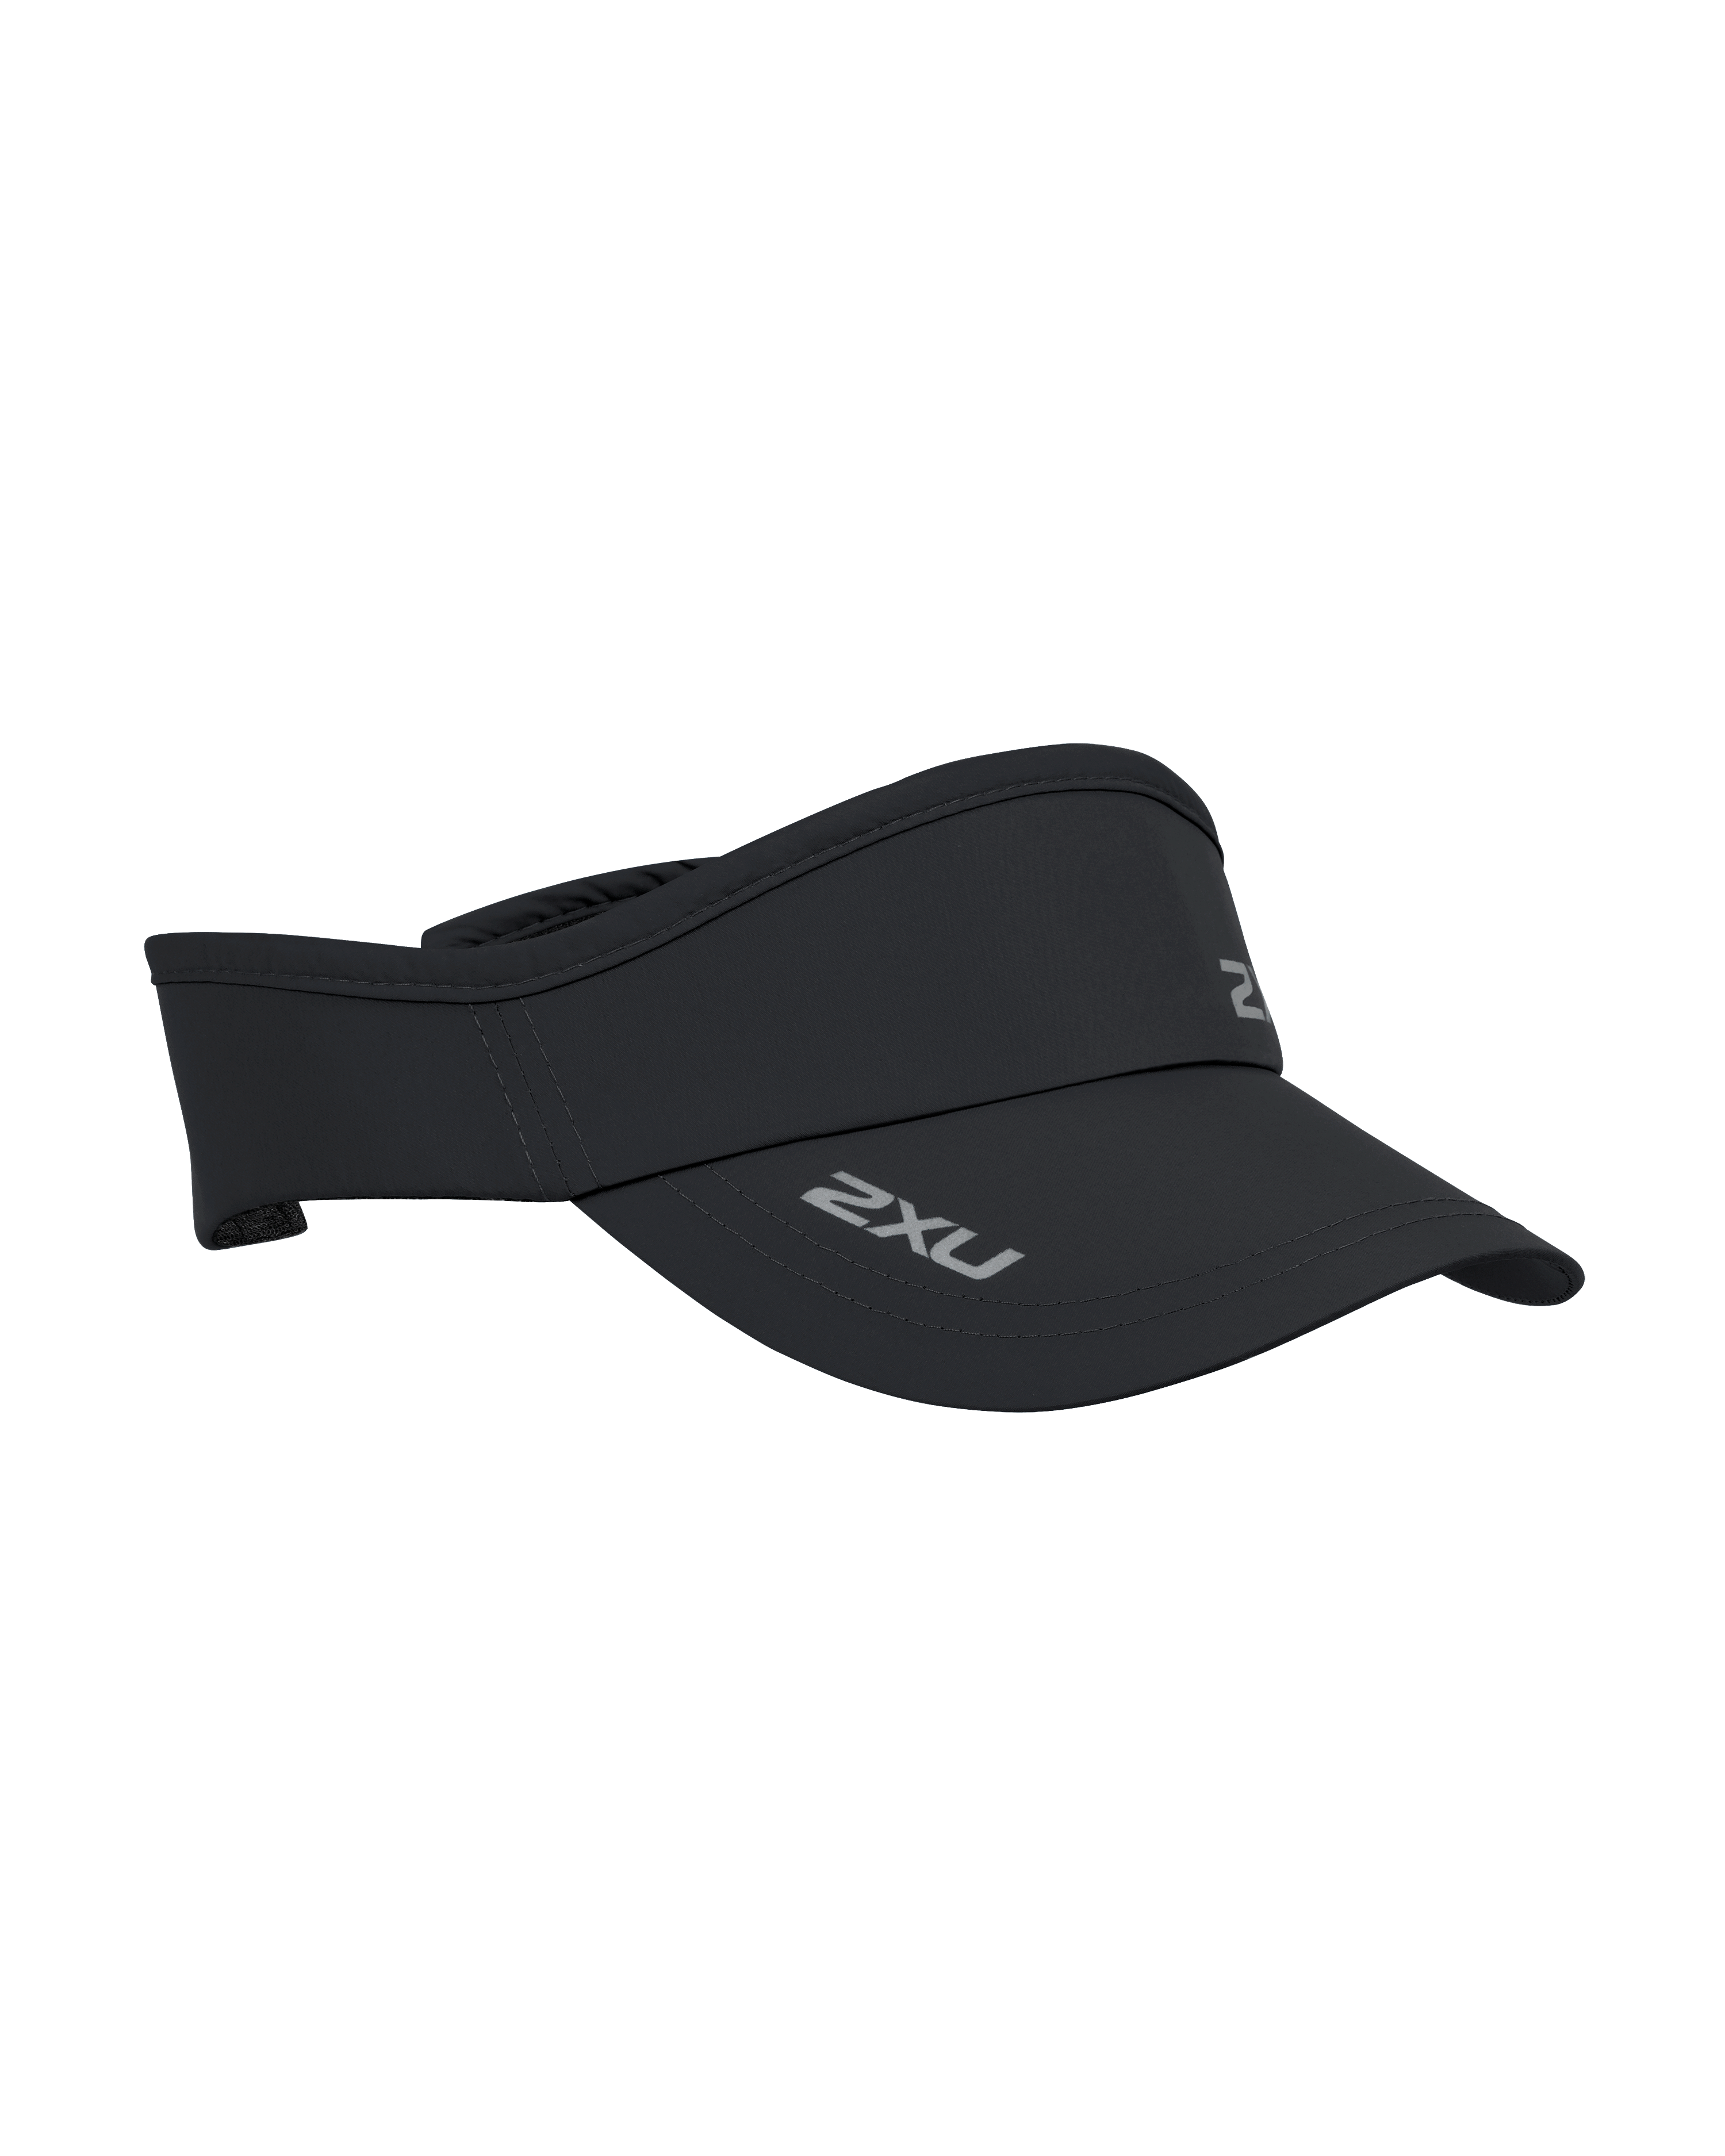 2XU Unisex Run Visor - Black/Black